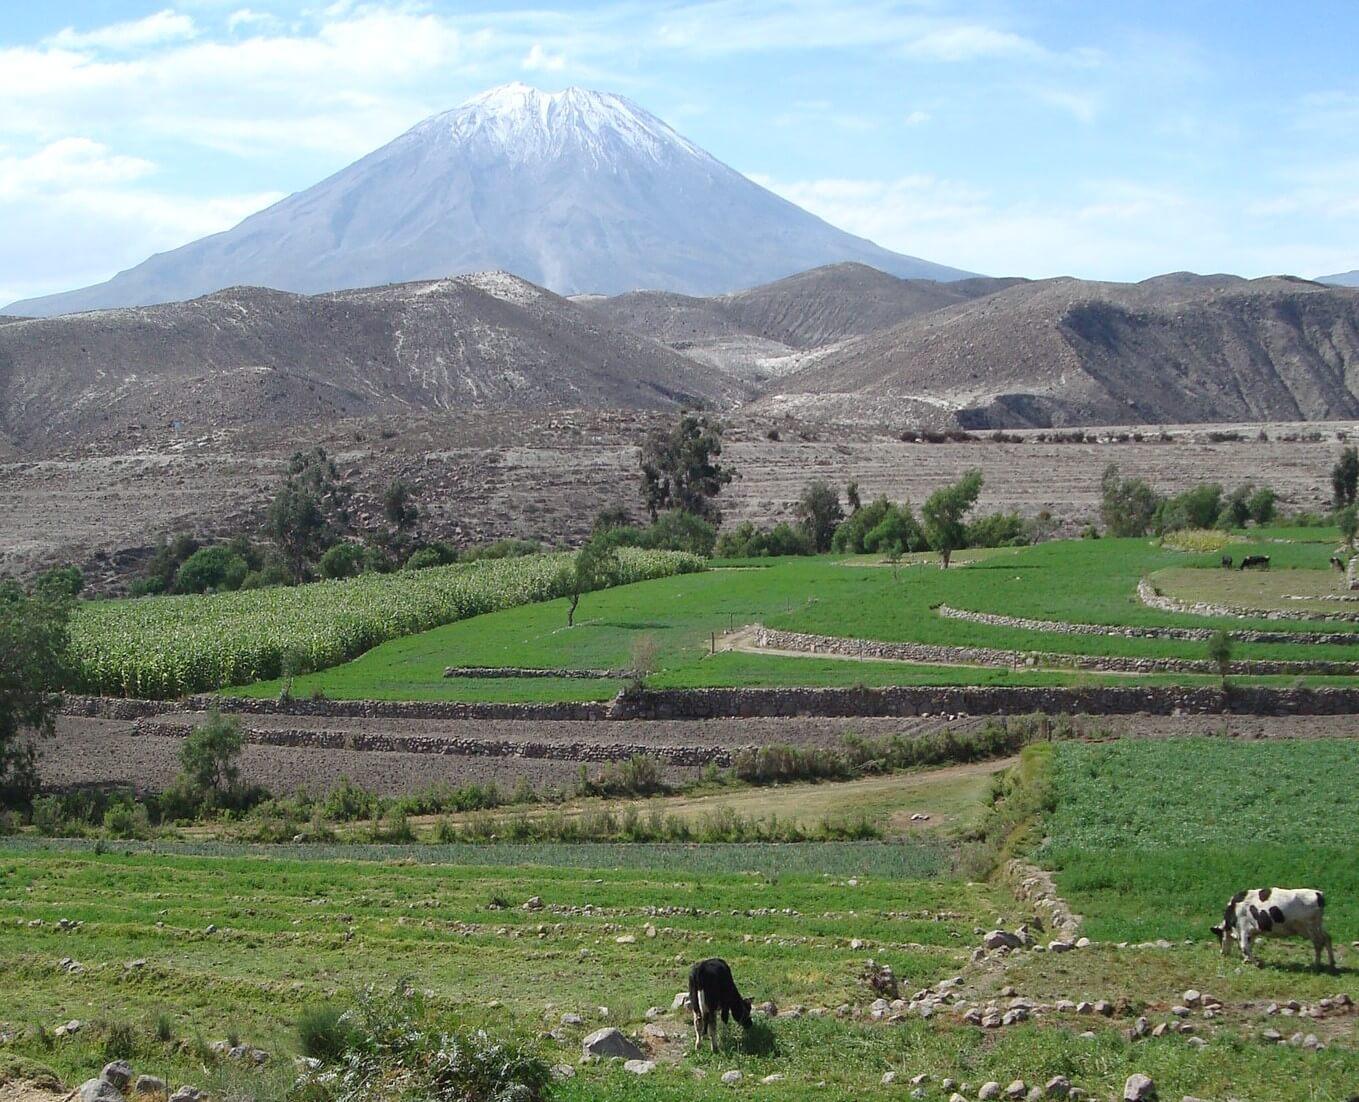 Cultivos en la campiña de Arequipa